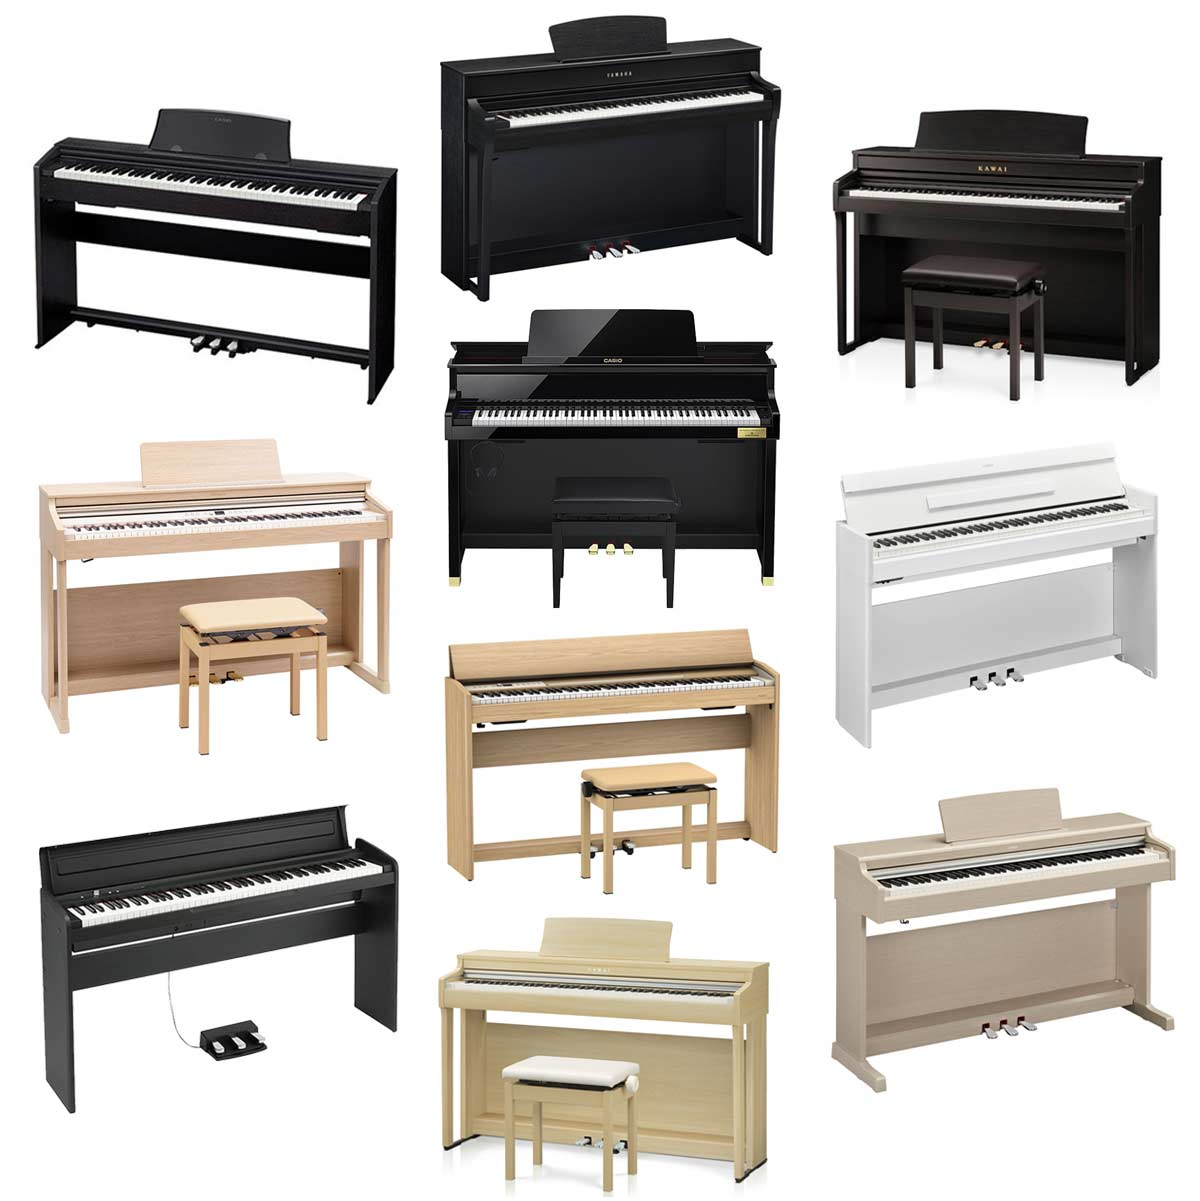 《2019年》おすすめの電子ピアノ10選! 初心者向けから本格派モデルまで